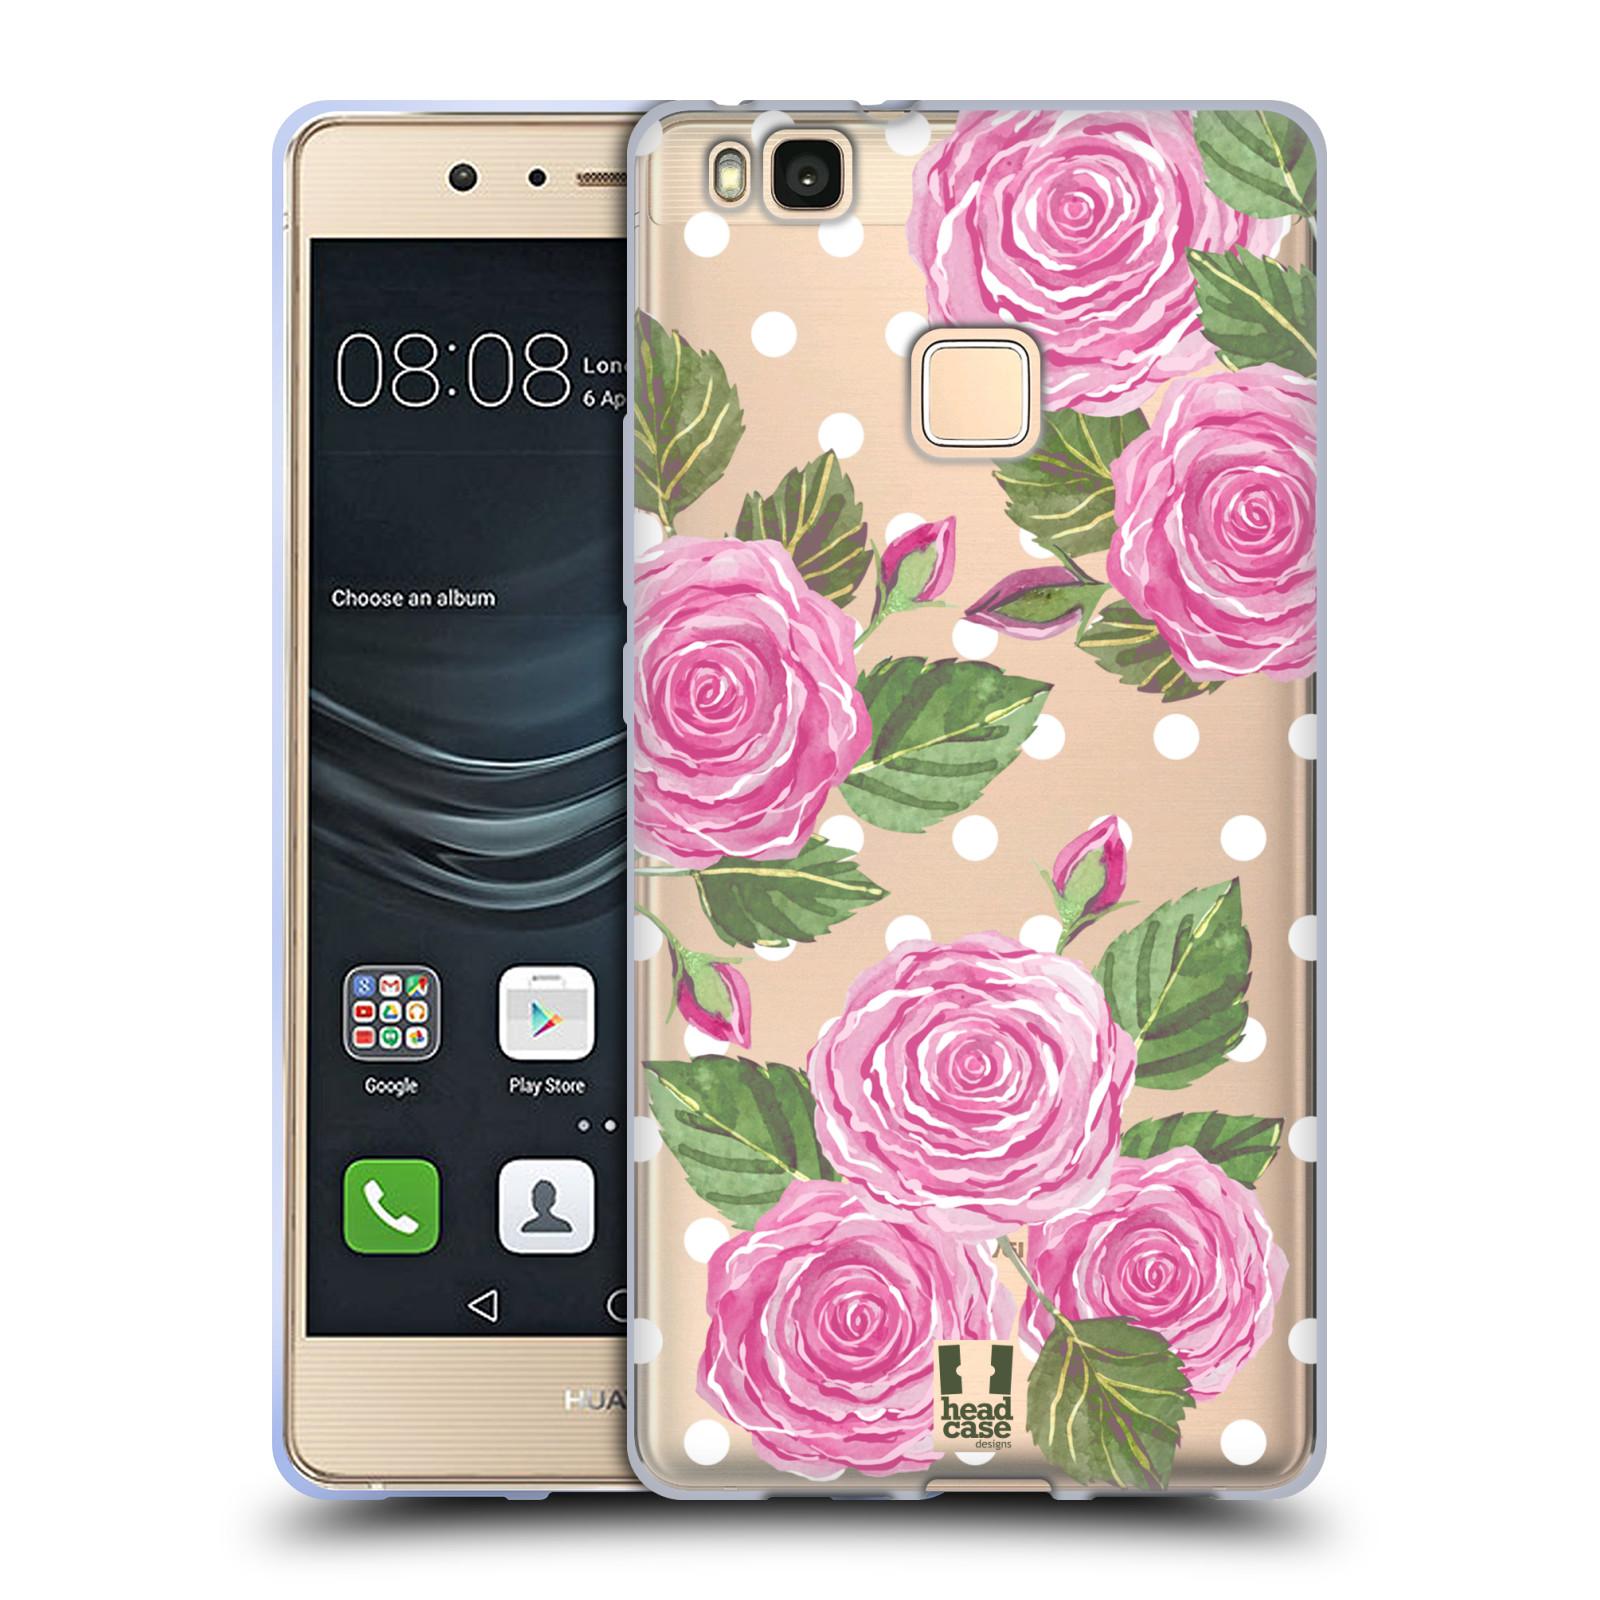 Silikonové pouzdro na mobil Huawei P9 Lite - Head Case - Hezoučké růžičky - průhledné